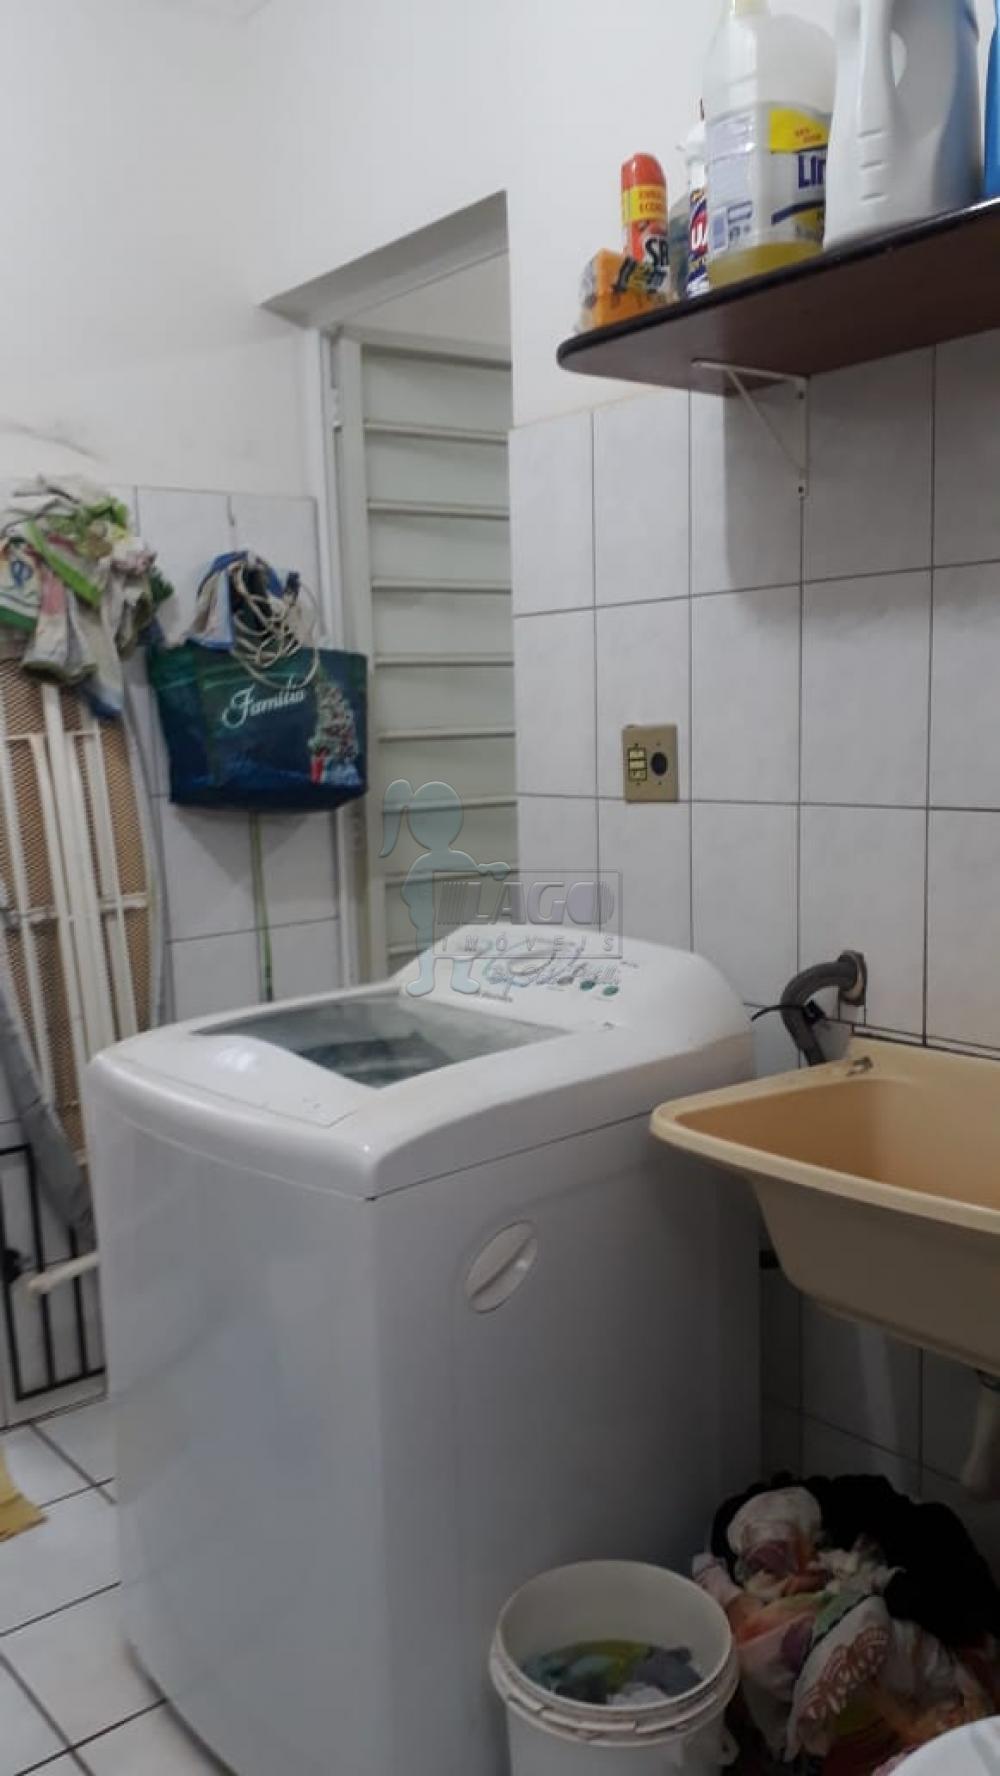 Comprar Casas / Condomínio em Ribeirão Preto apenas R$ 412.000,00 - Foto 7